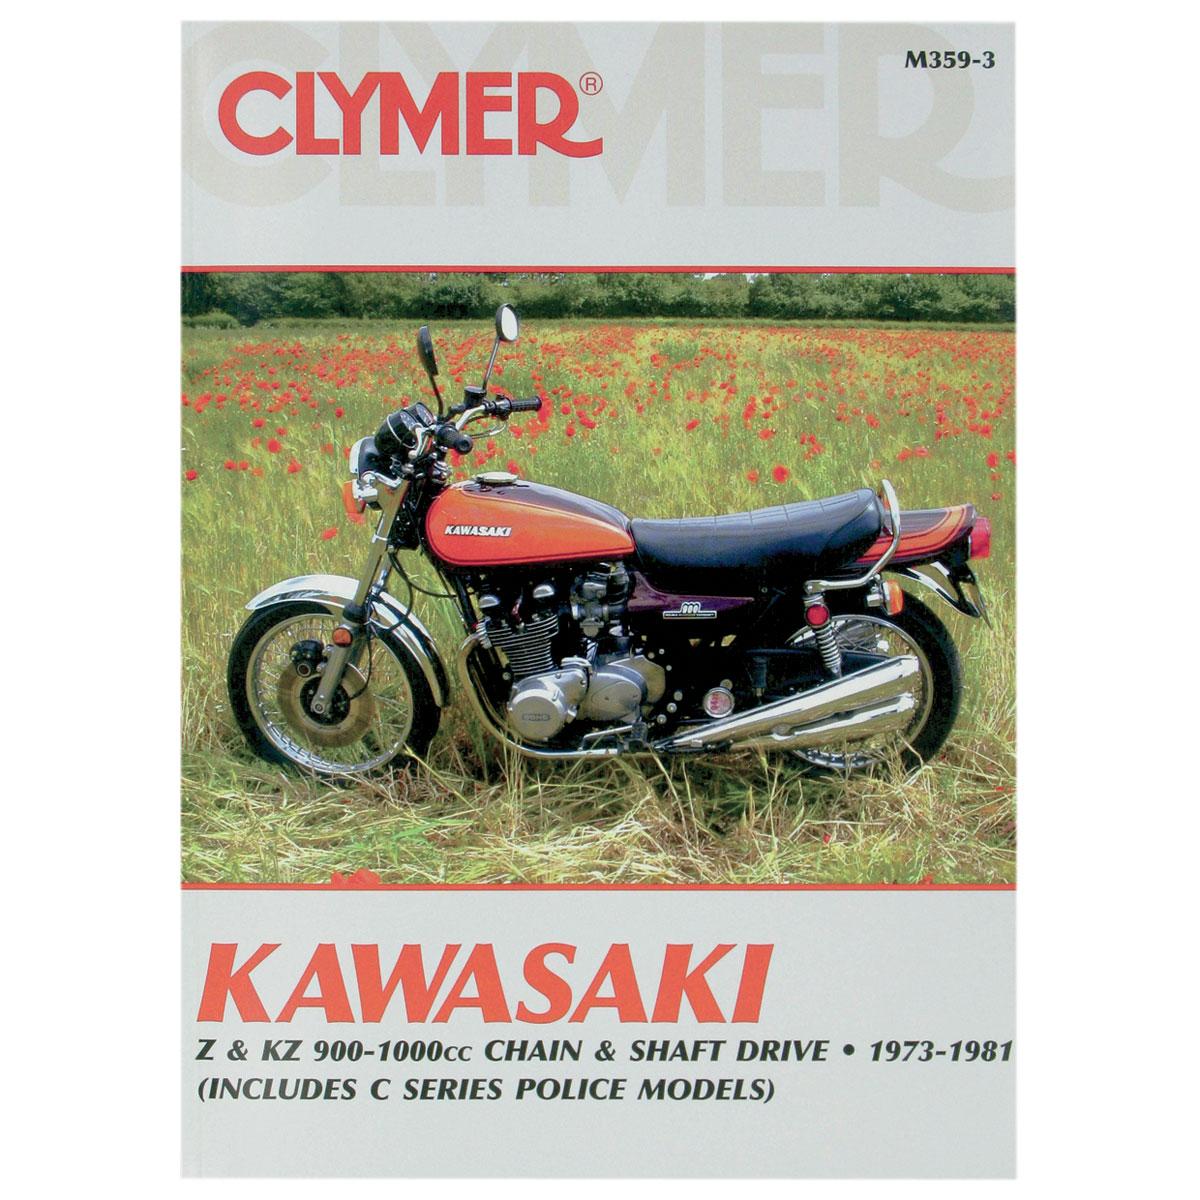 Clymer Kawasaki Motorcycle Repair Manual M359 3